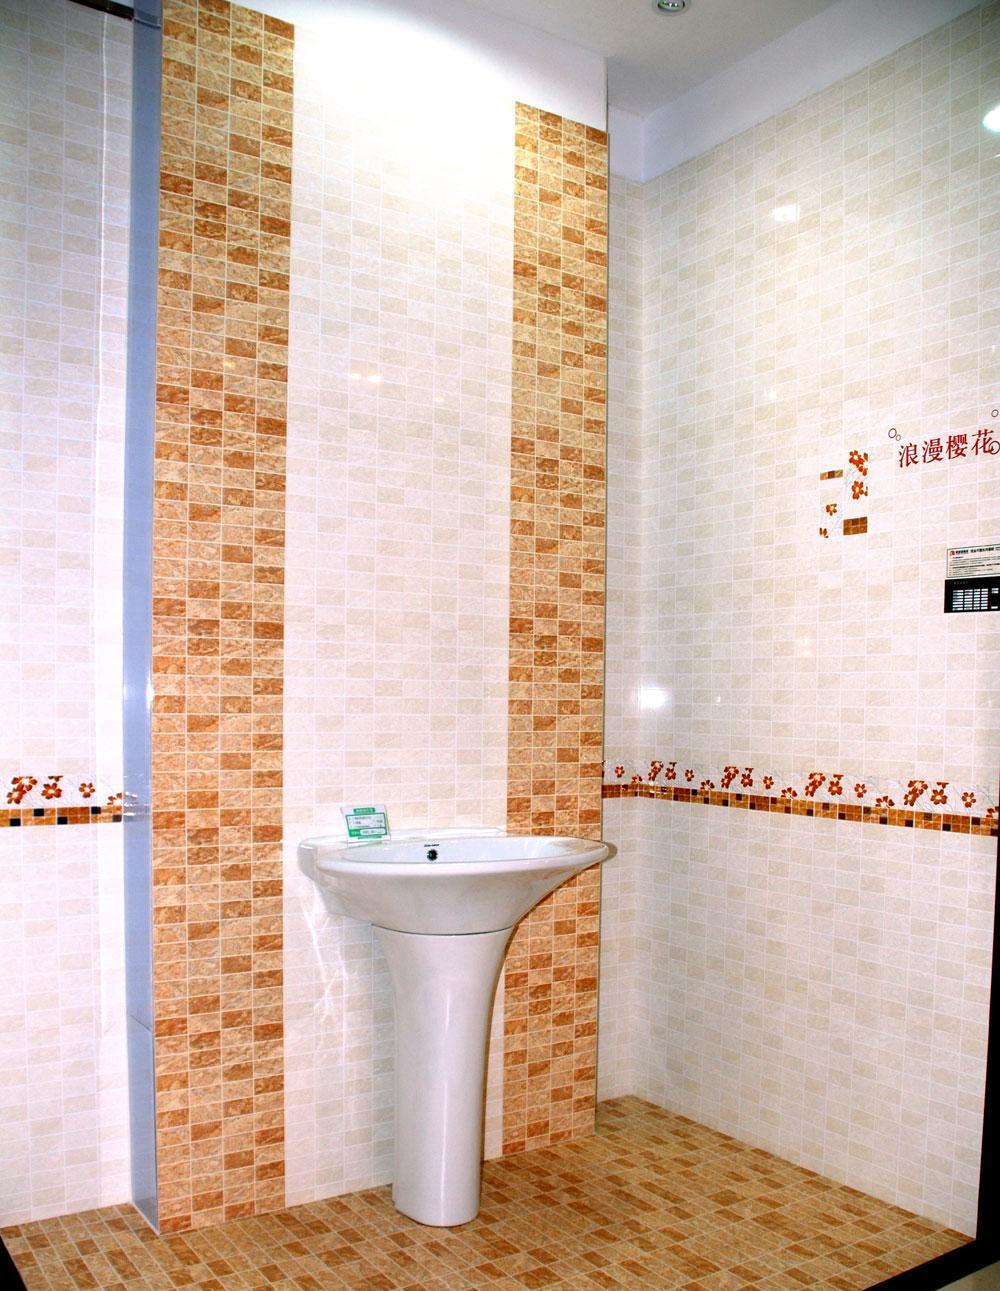 利家居地面釉面砖LJA48018ALJA48018A